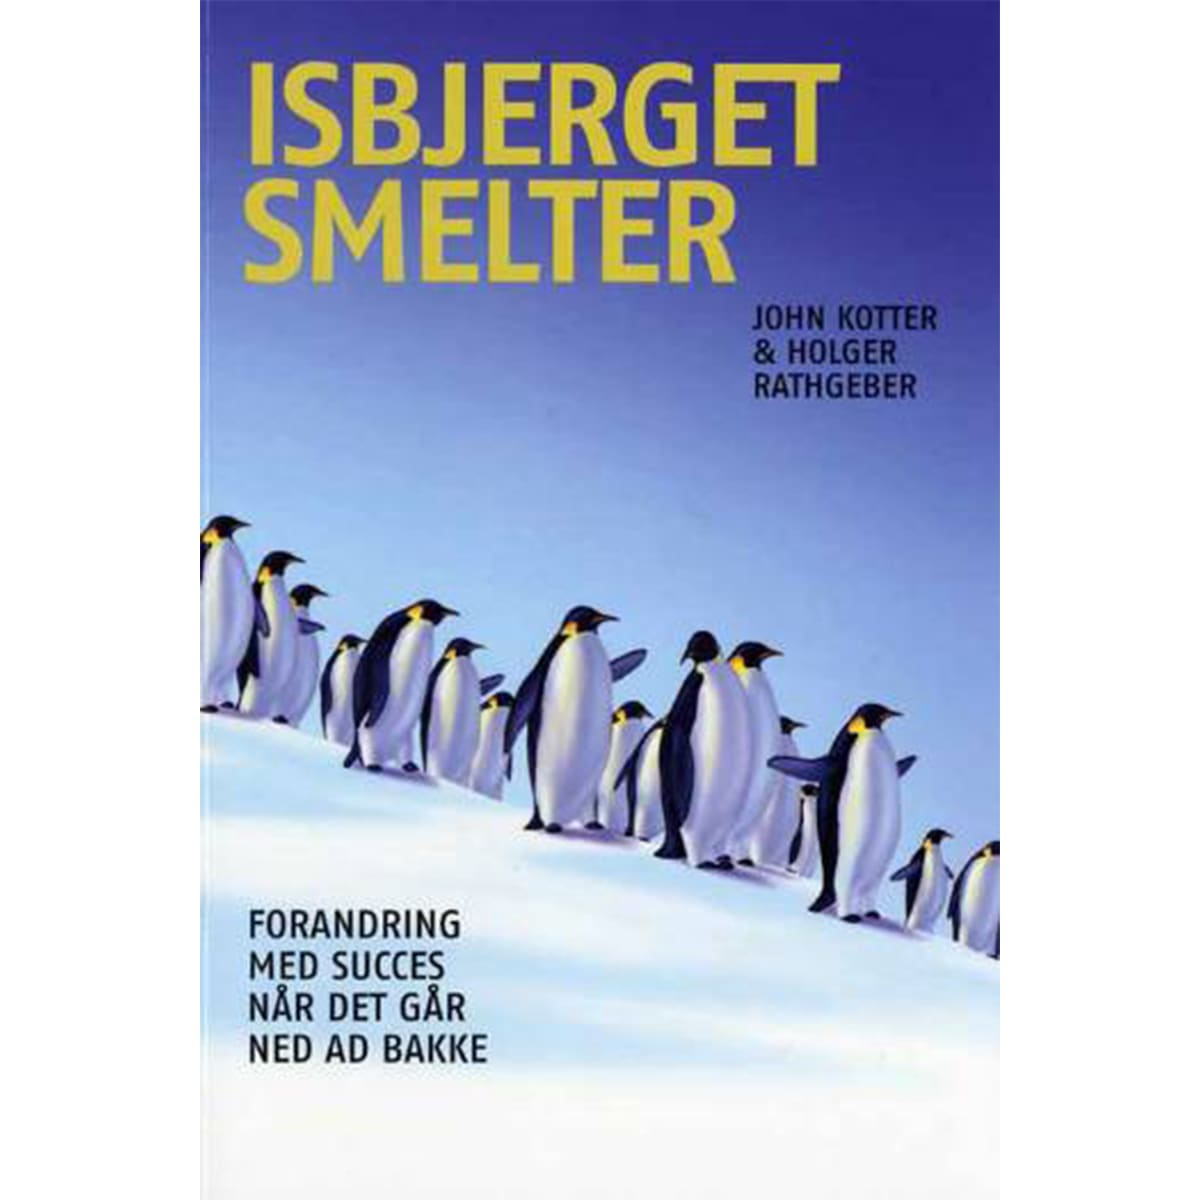 Af John Kotter & Holger Rathgeber